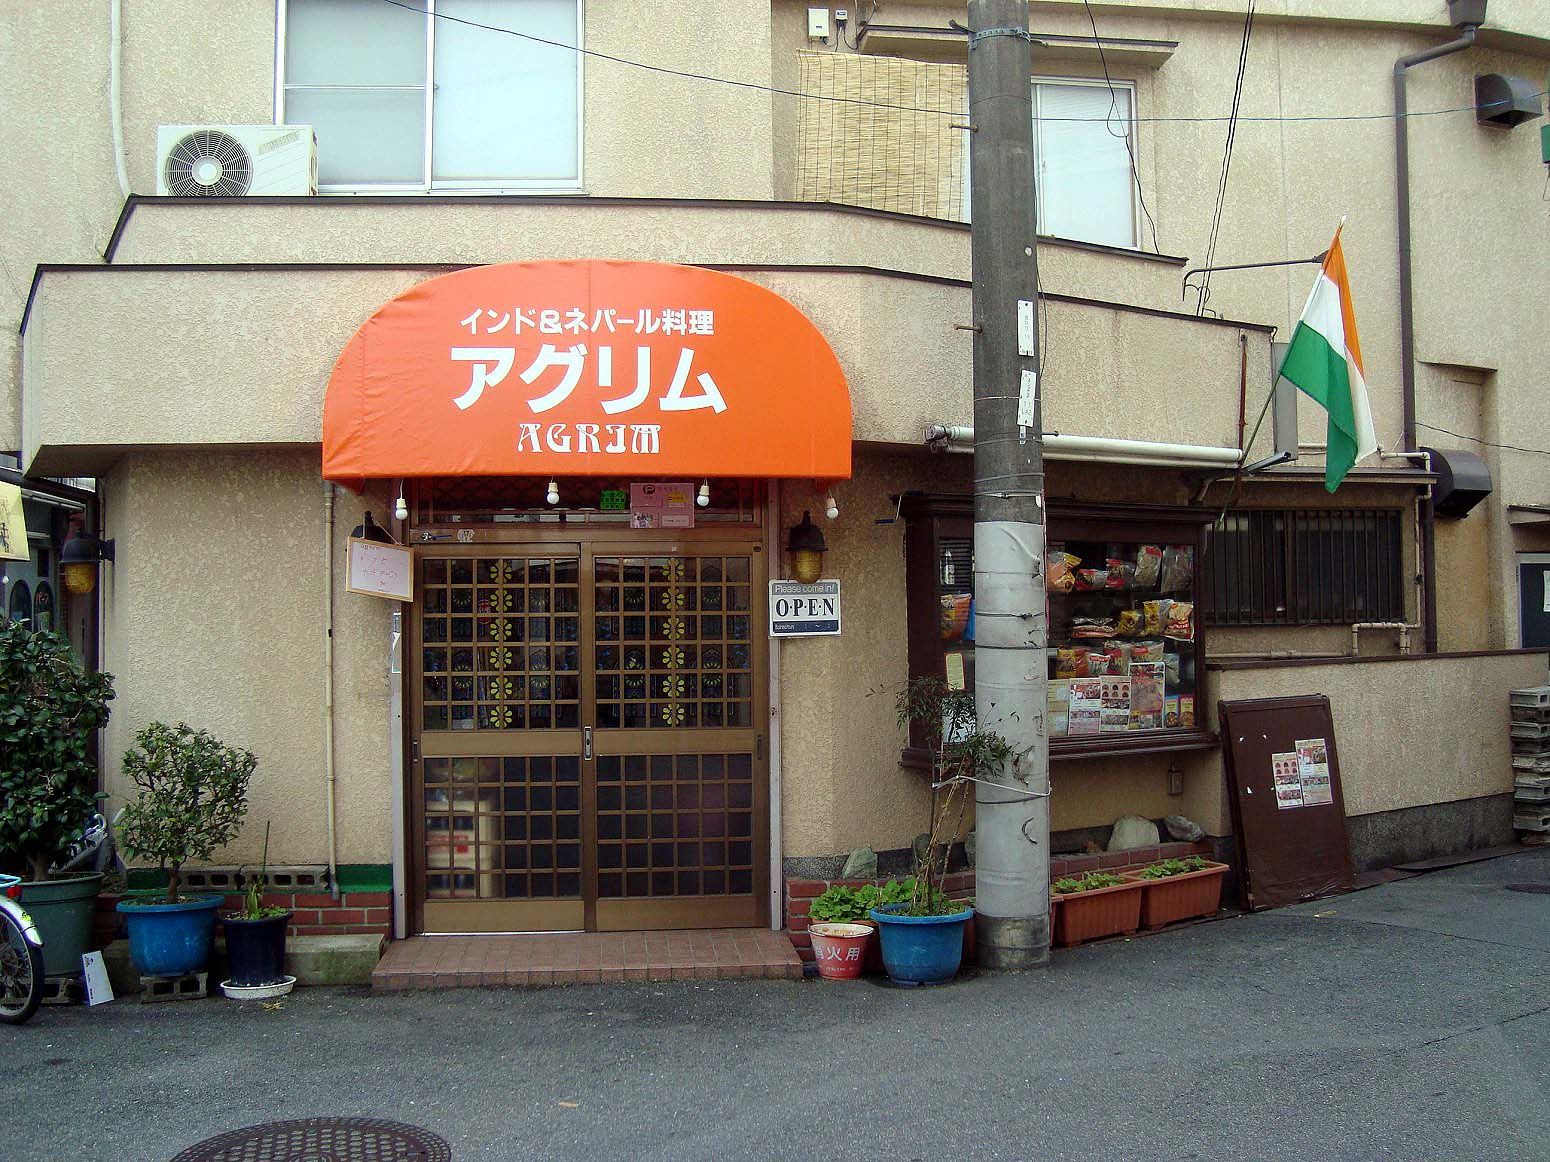 アグリム 牧野本町店